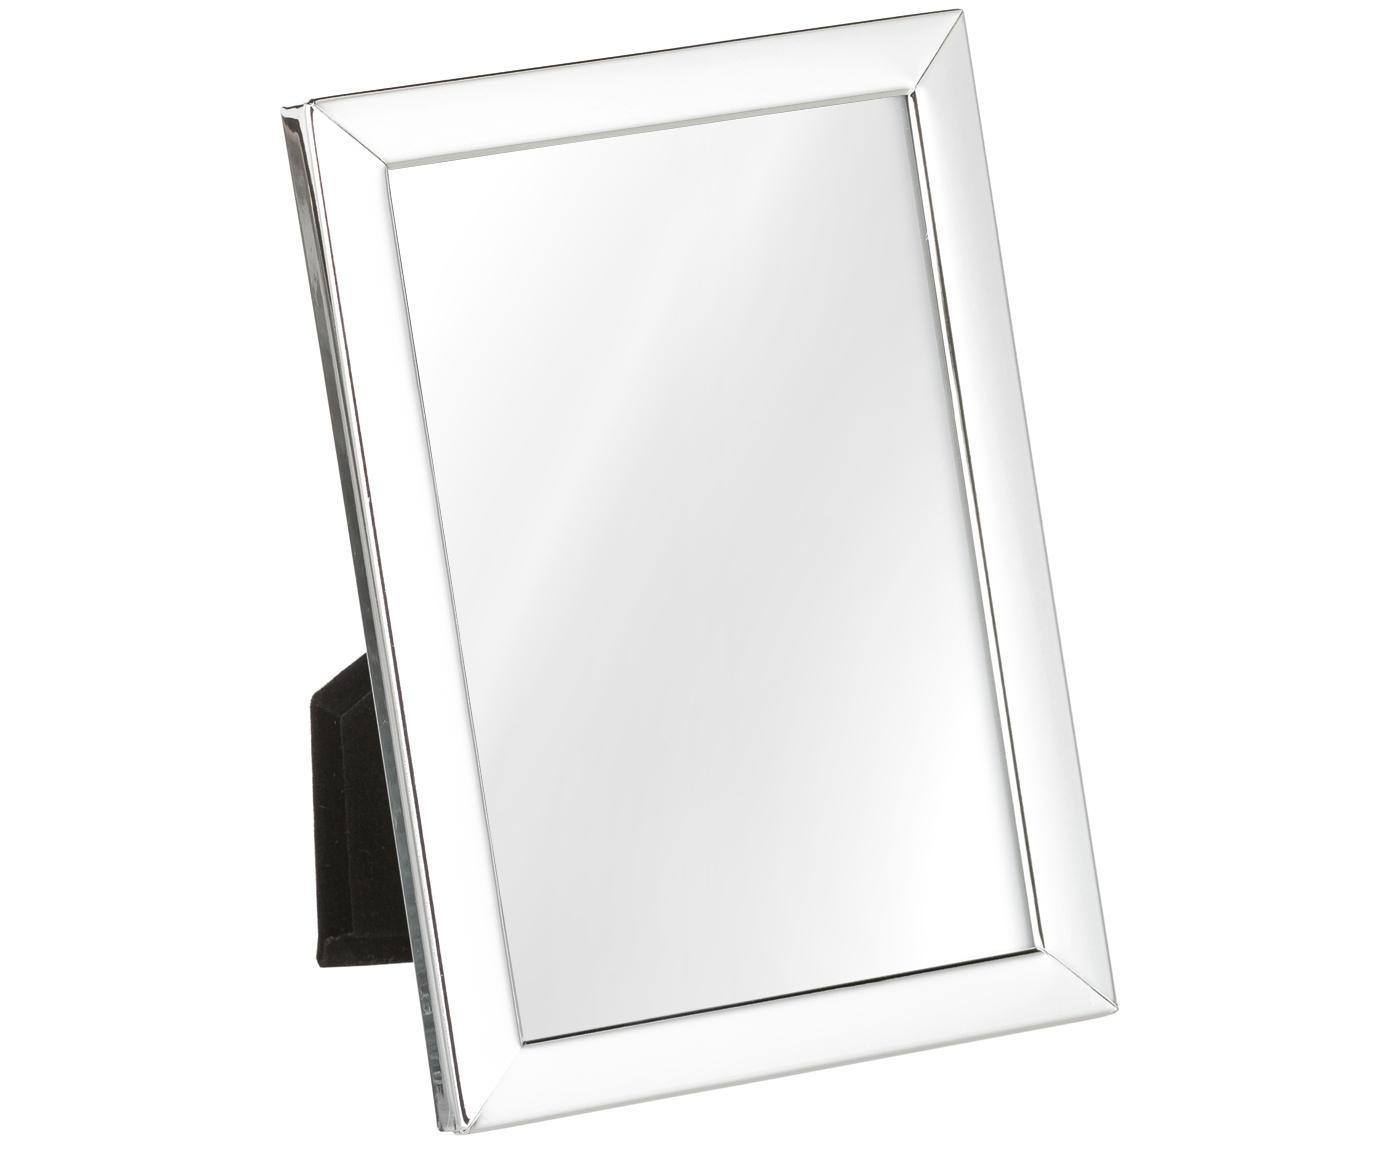 Cornice Aosta, Cornice: metallo argentato, Retro: pannello di fibra a media, Argento, 13 x 18 cm